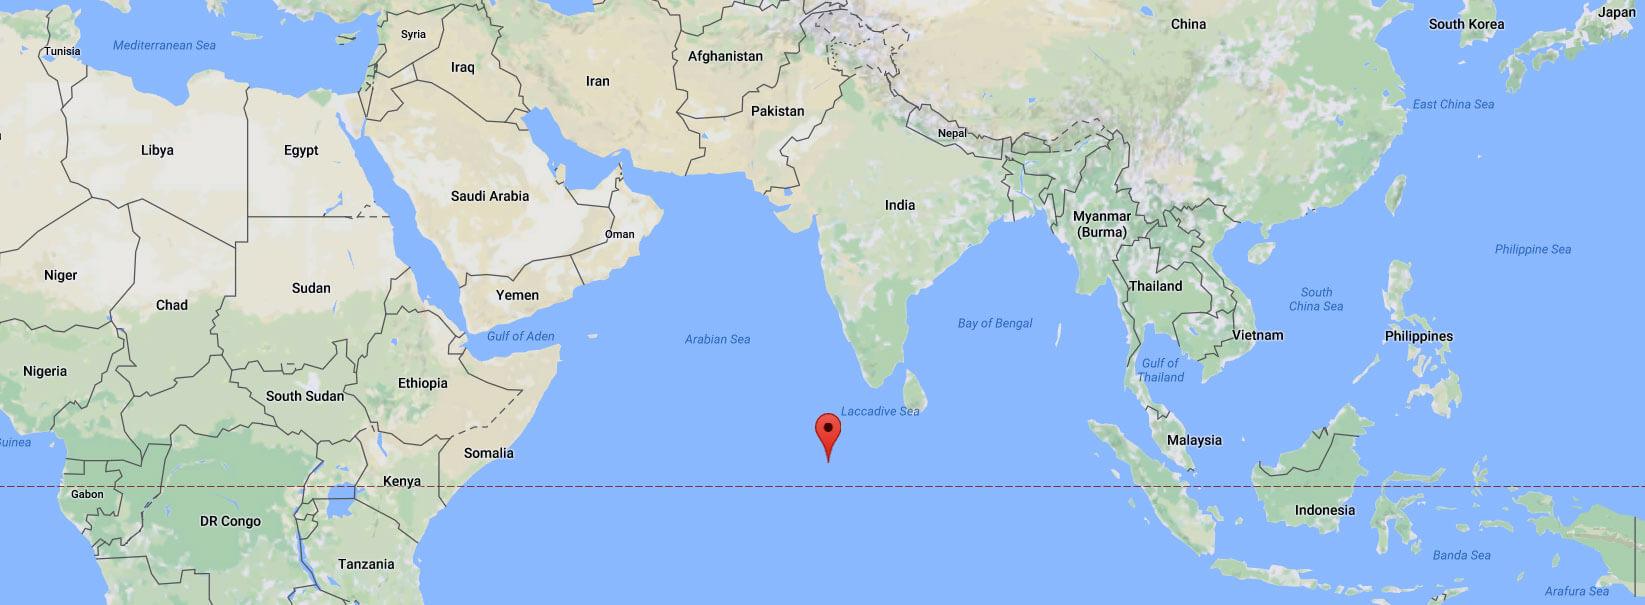 Kde leží Maledivy - zeměpisná poloha